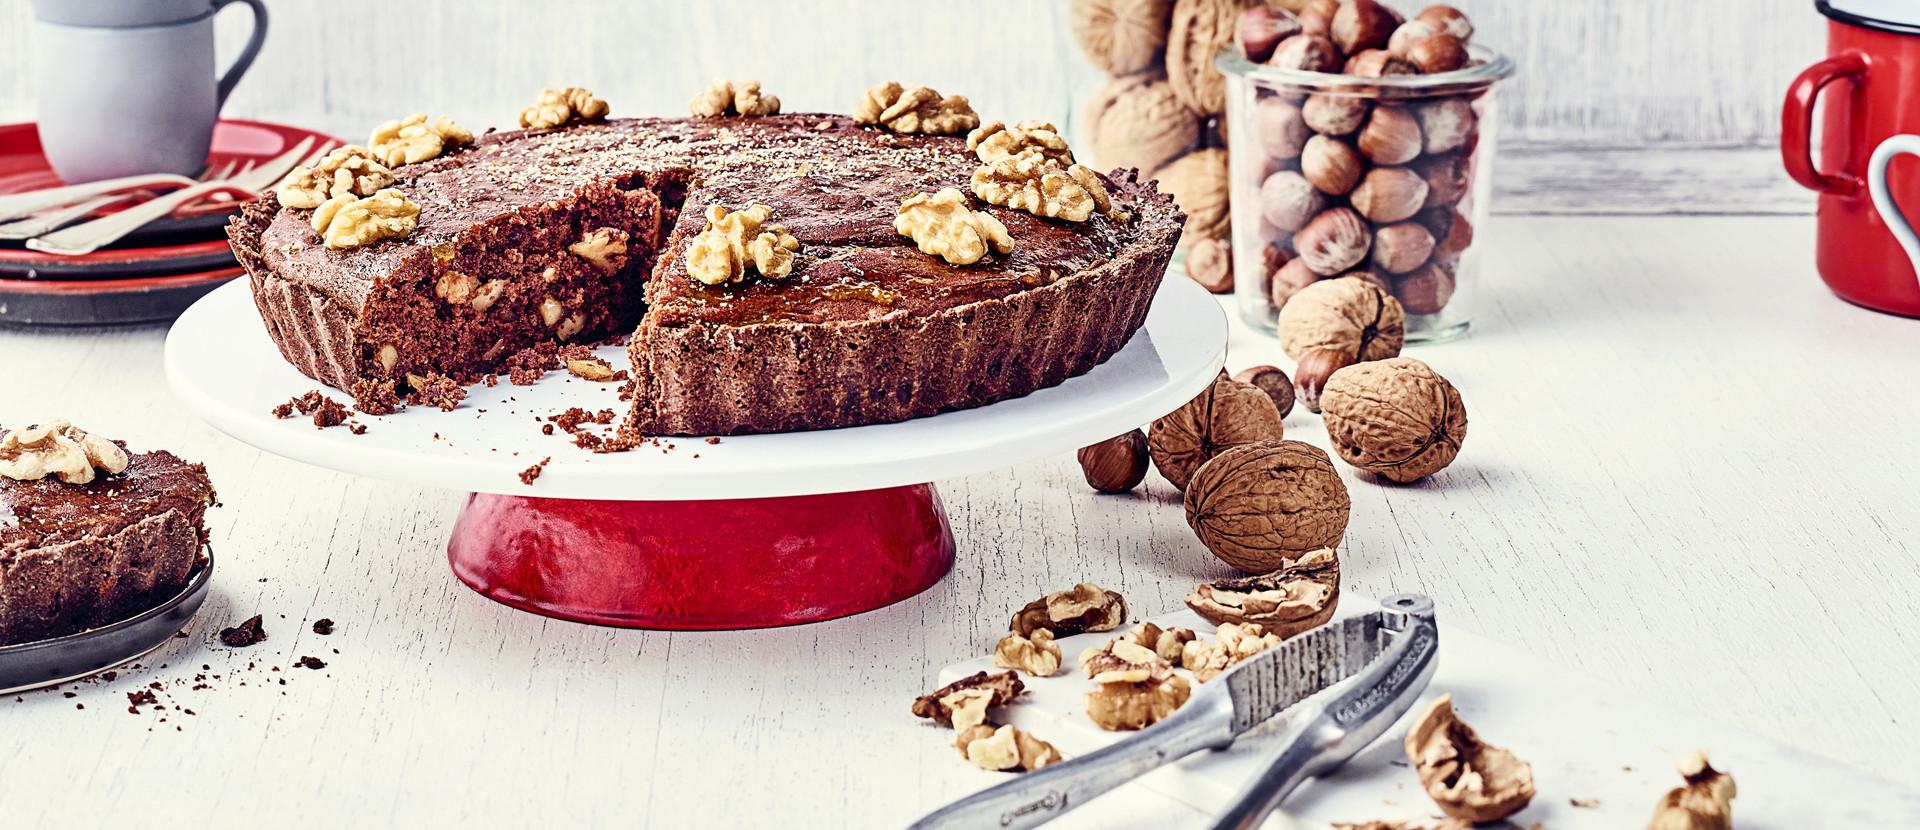 Schoko Walnuss Kuchen Haselnuss